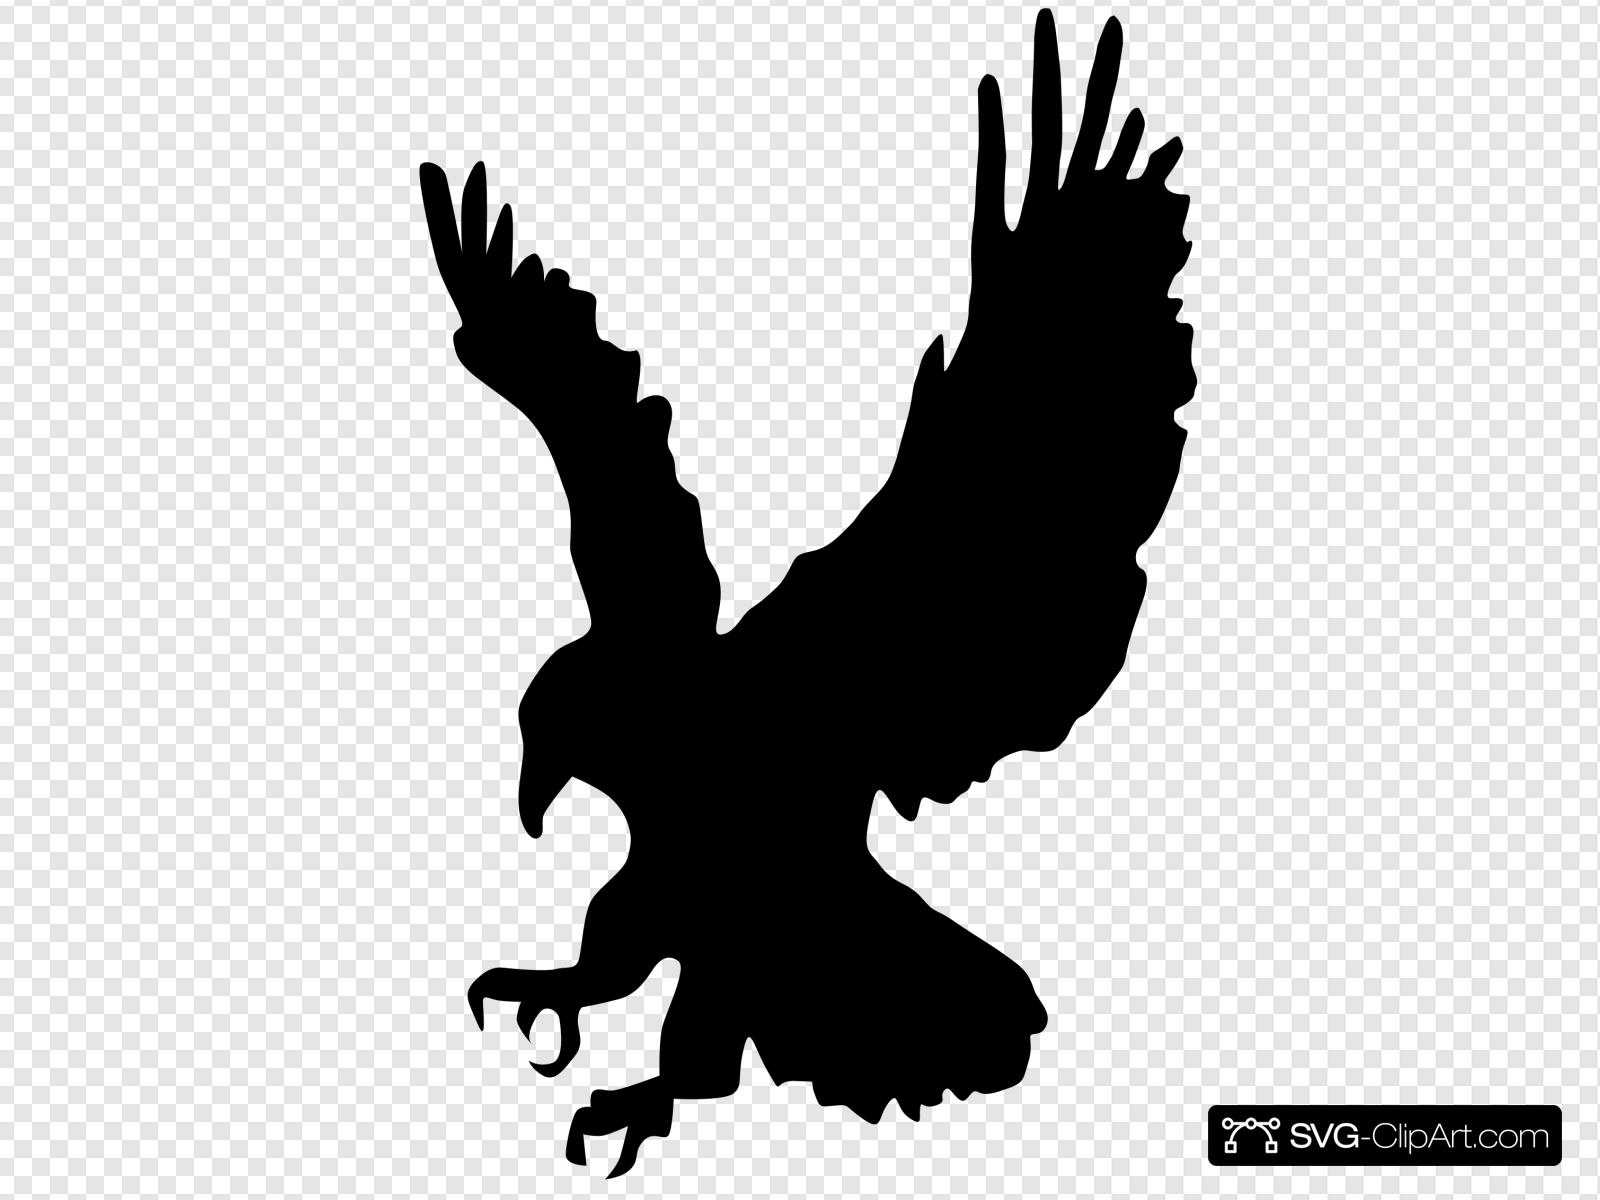 Black Hawk Clip art, Icon and SVG.